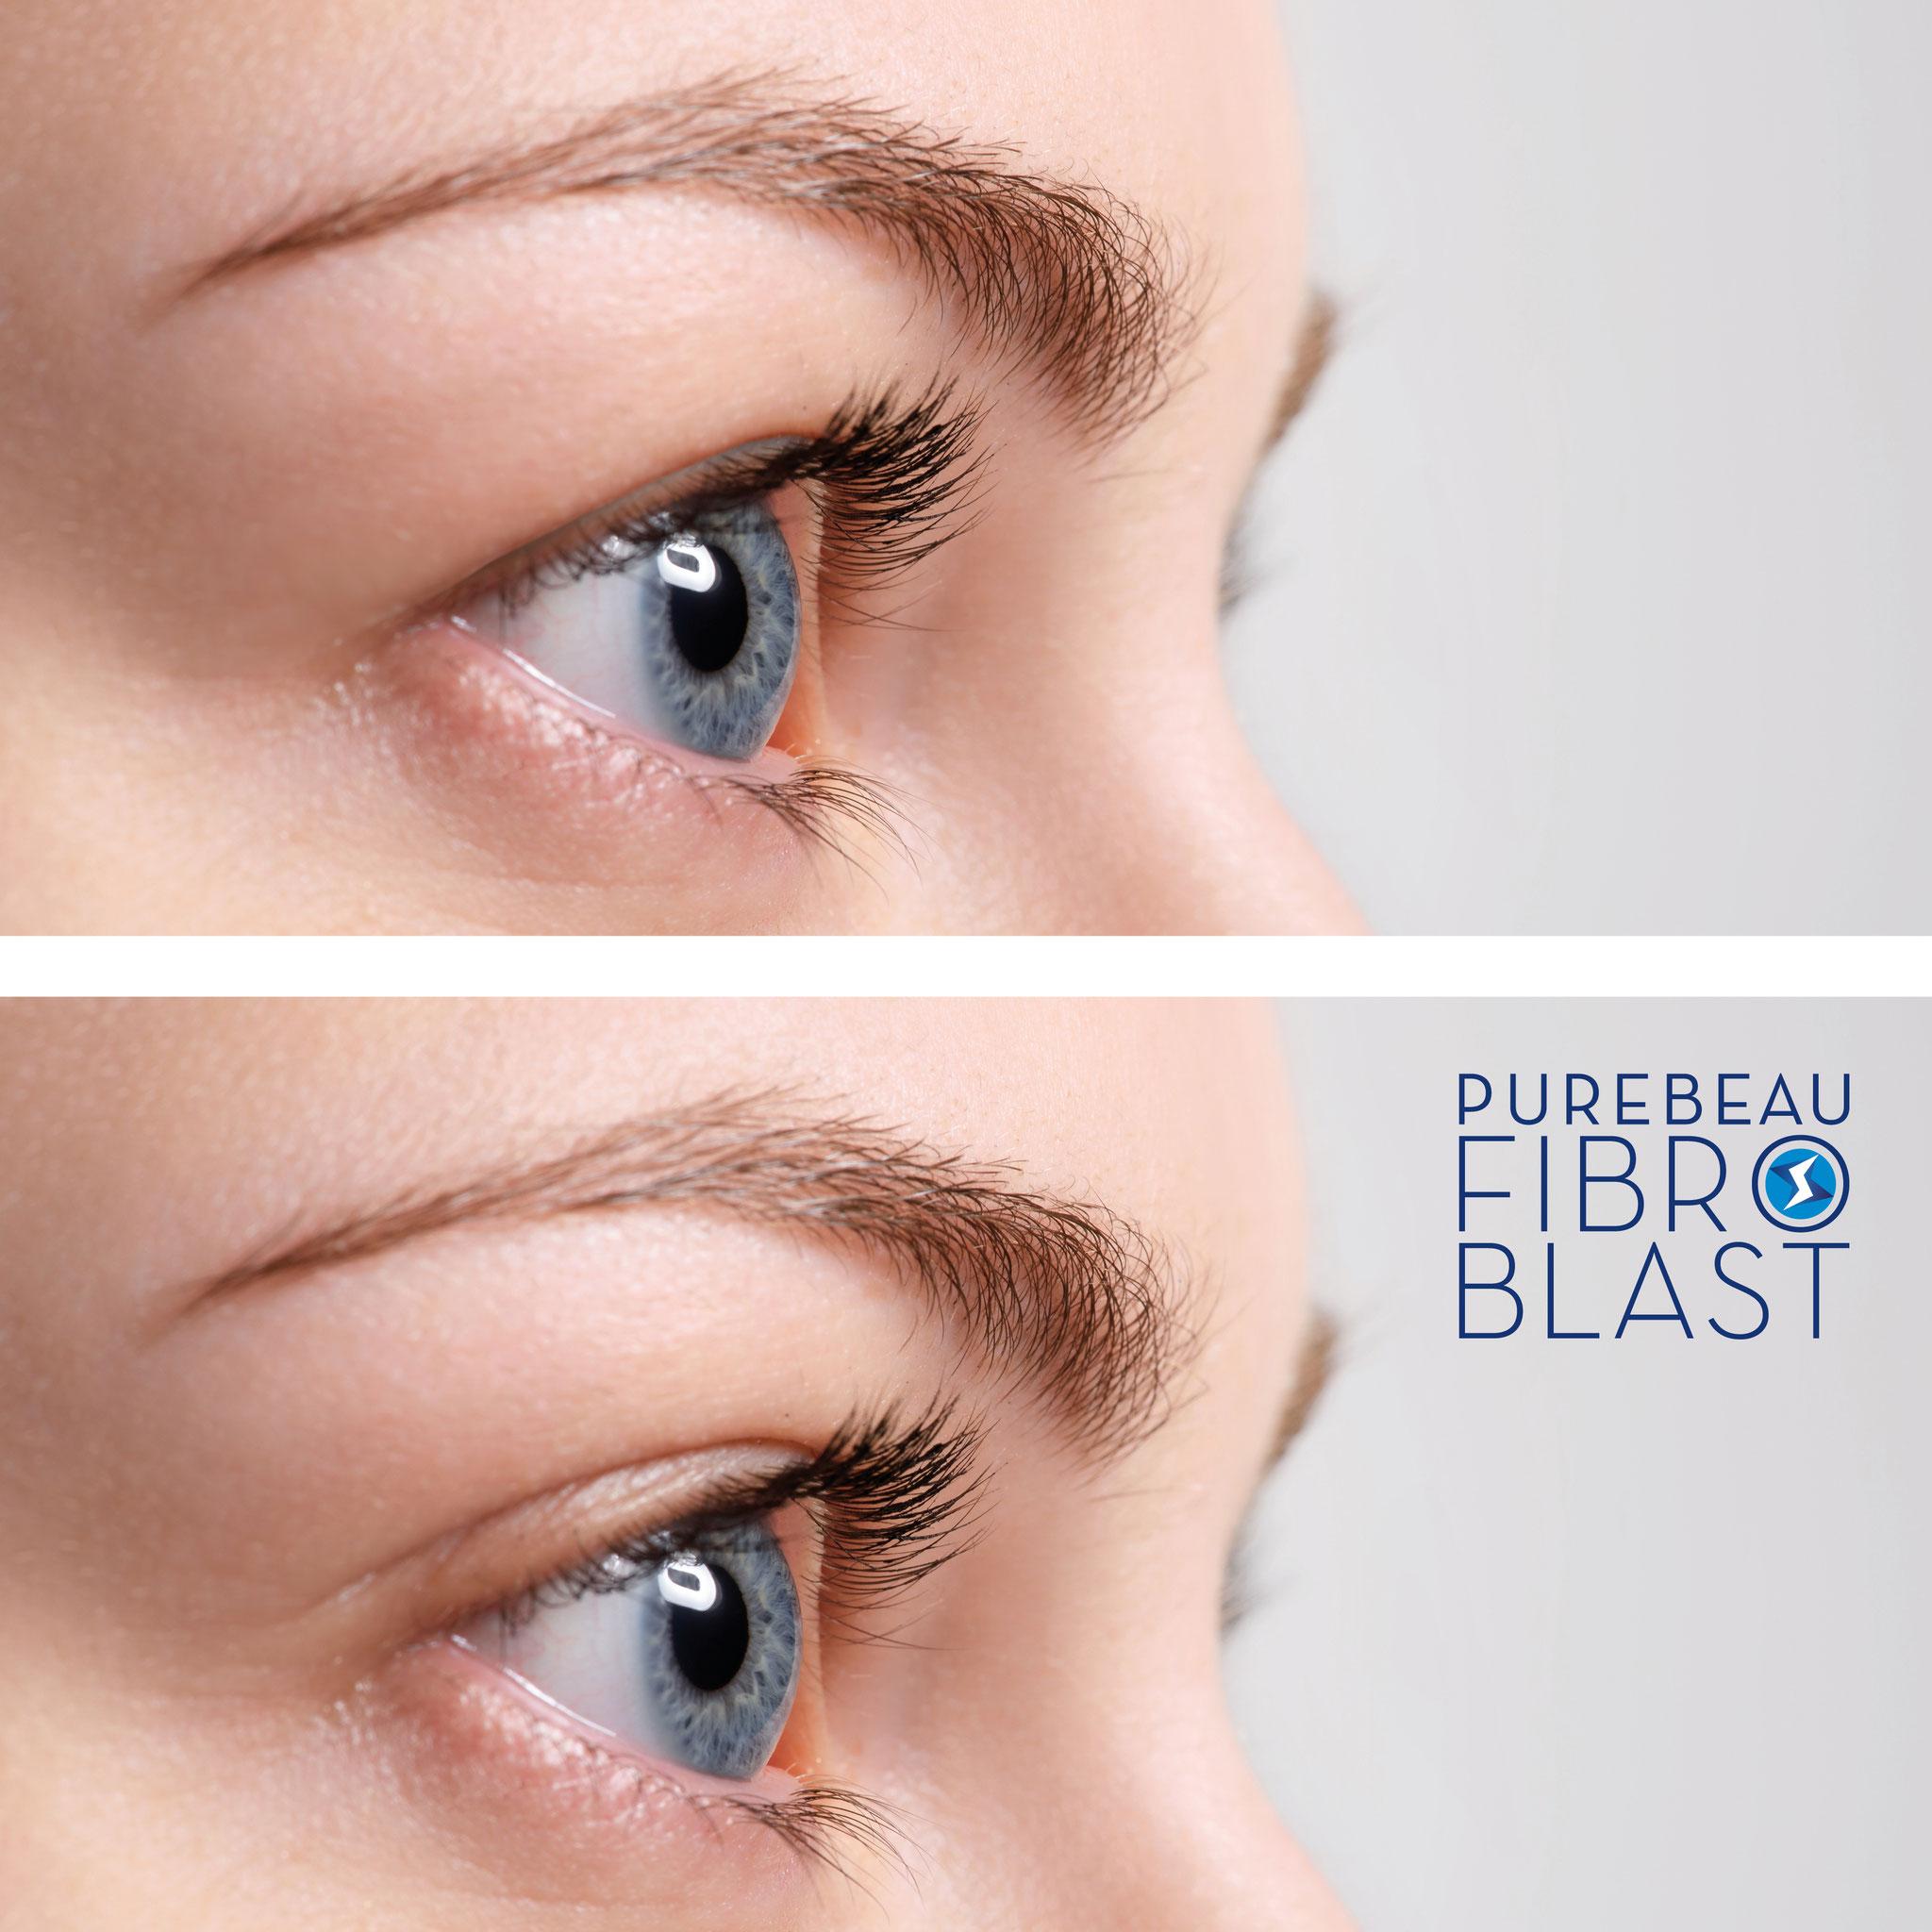 Effektprinzip der noninvasiven Augenlidstraffung